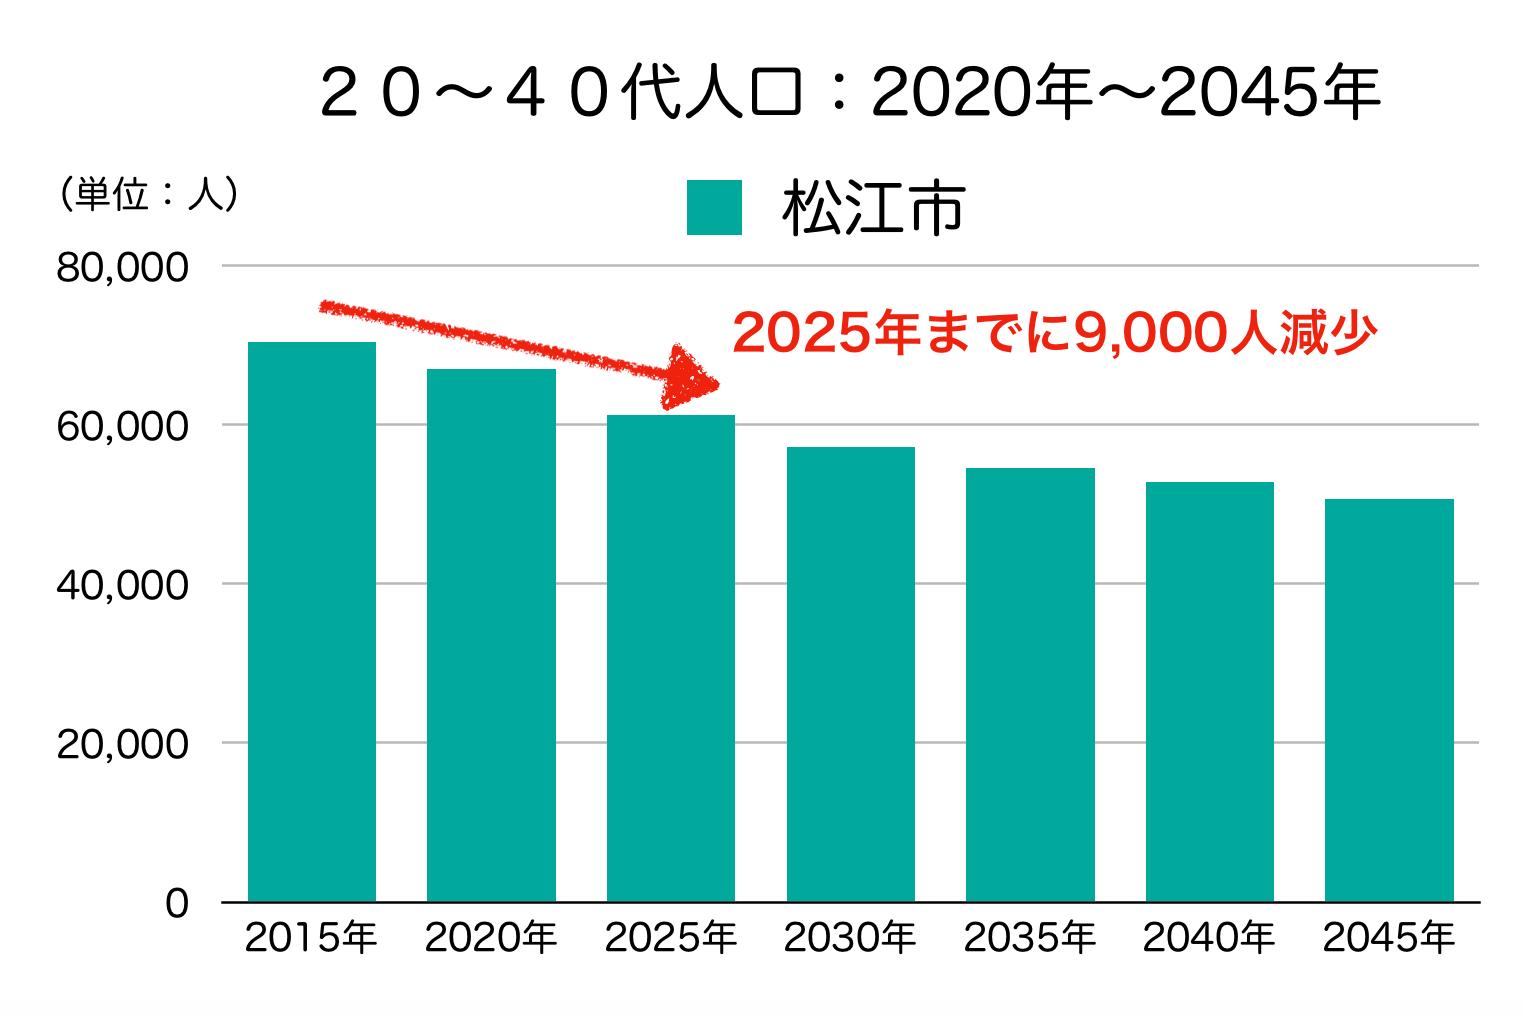 松江市の20〜40代人口の予測